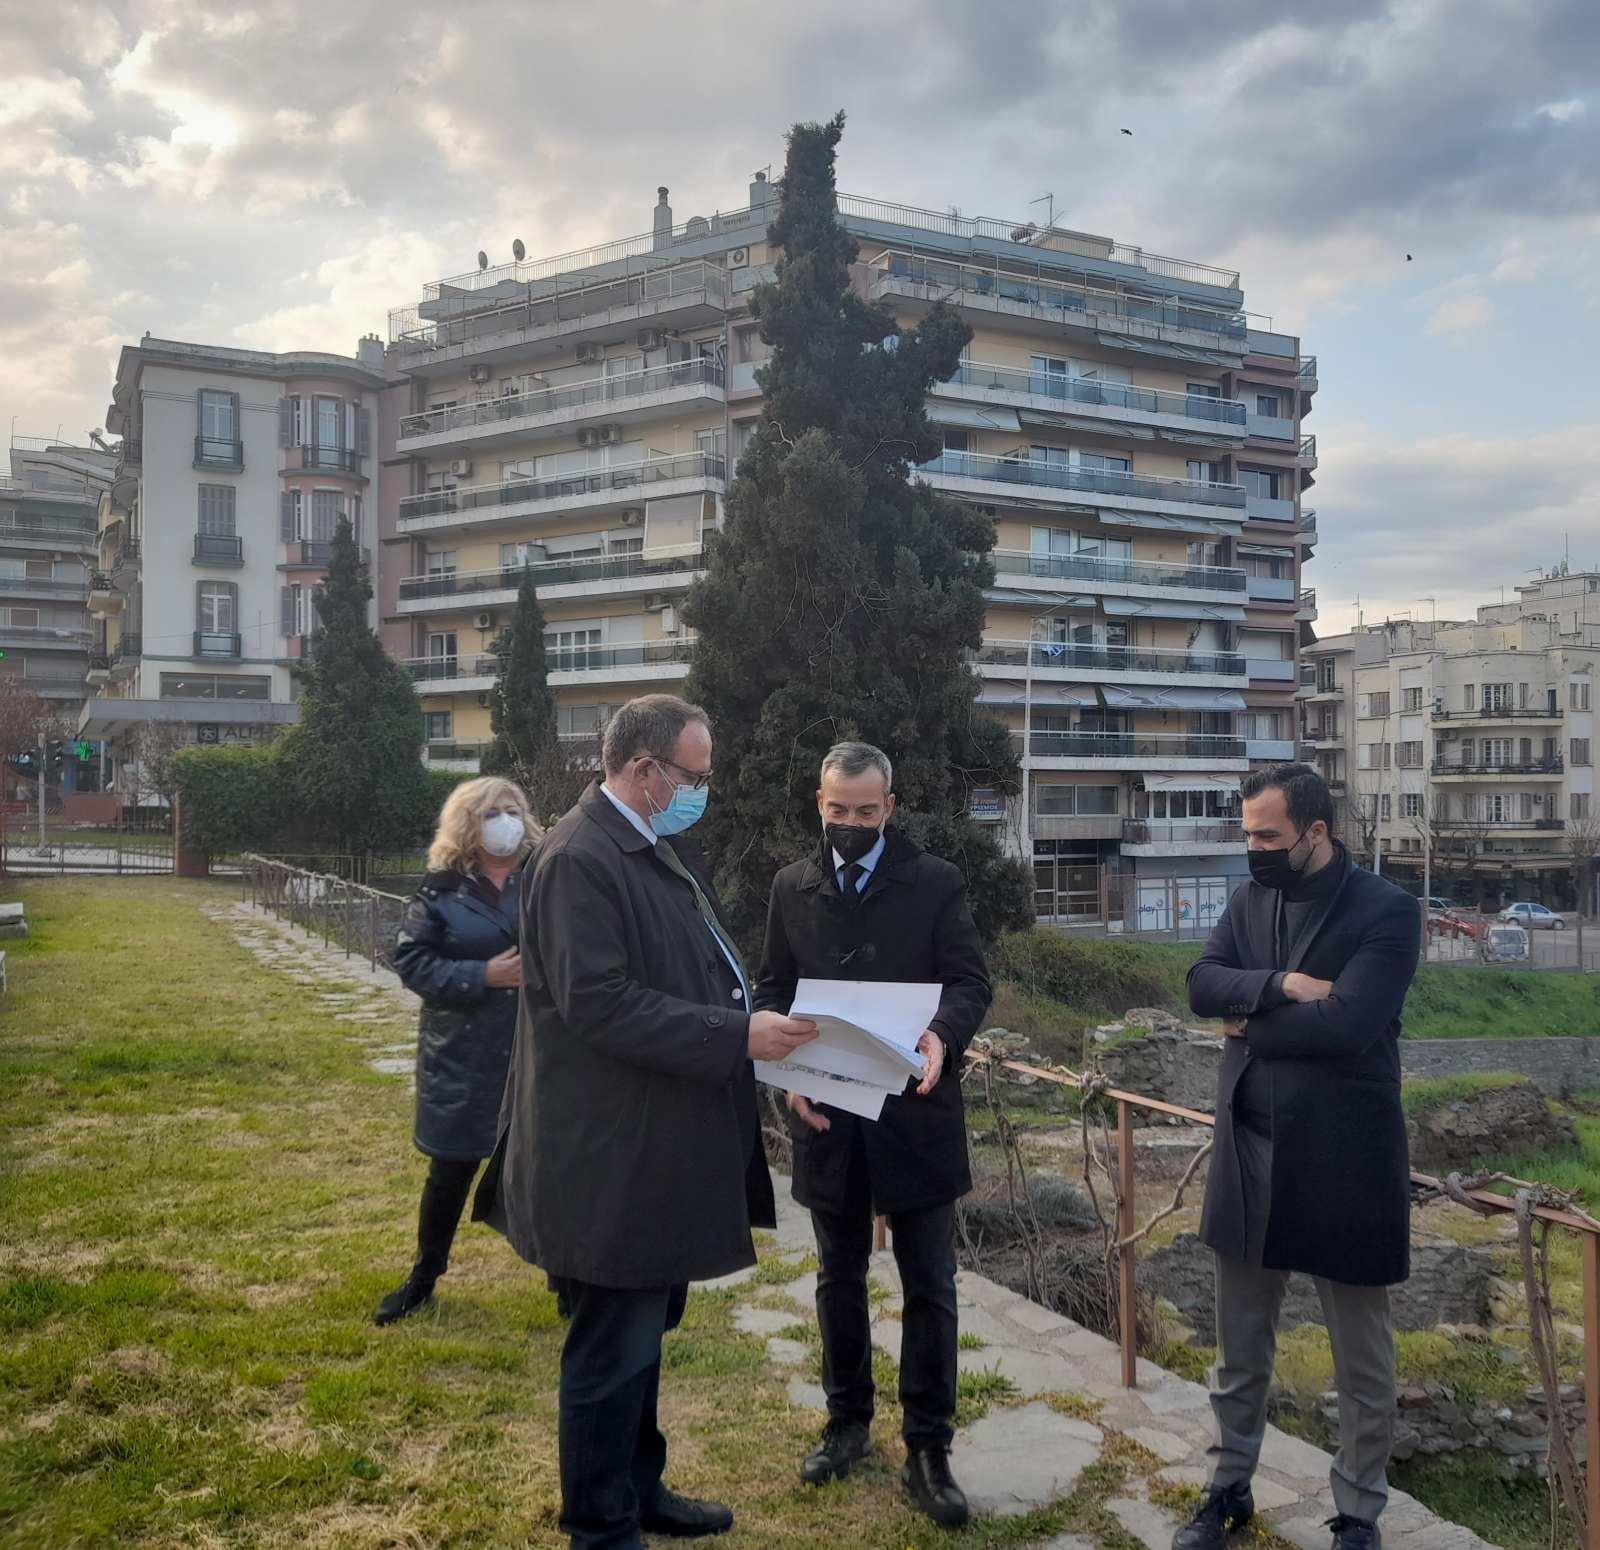 Αυτοψία Ζέρβα στην πλατεία Διοικητηρίου – Επί τάπητος η πορεία εκπόνησης των μελετών